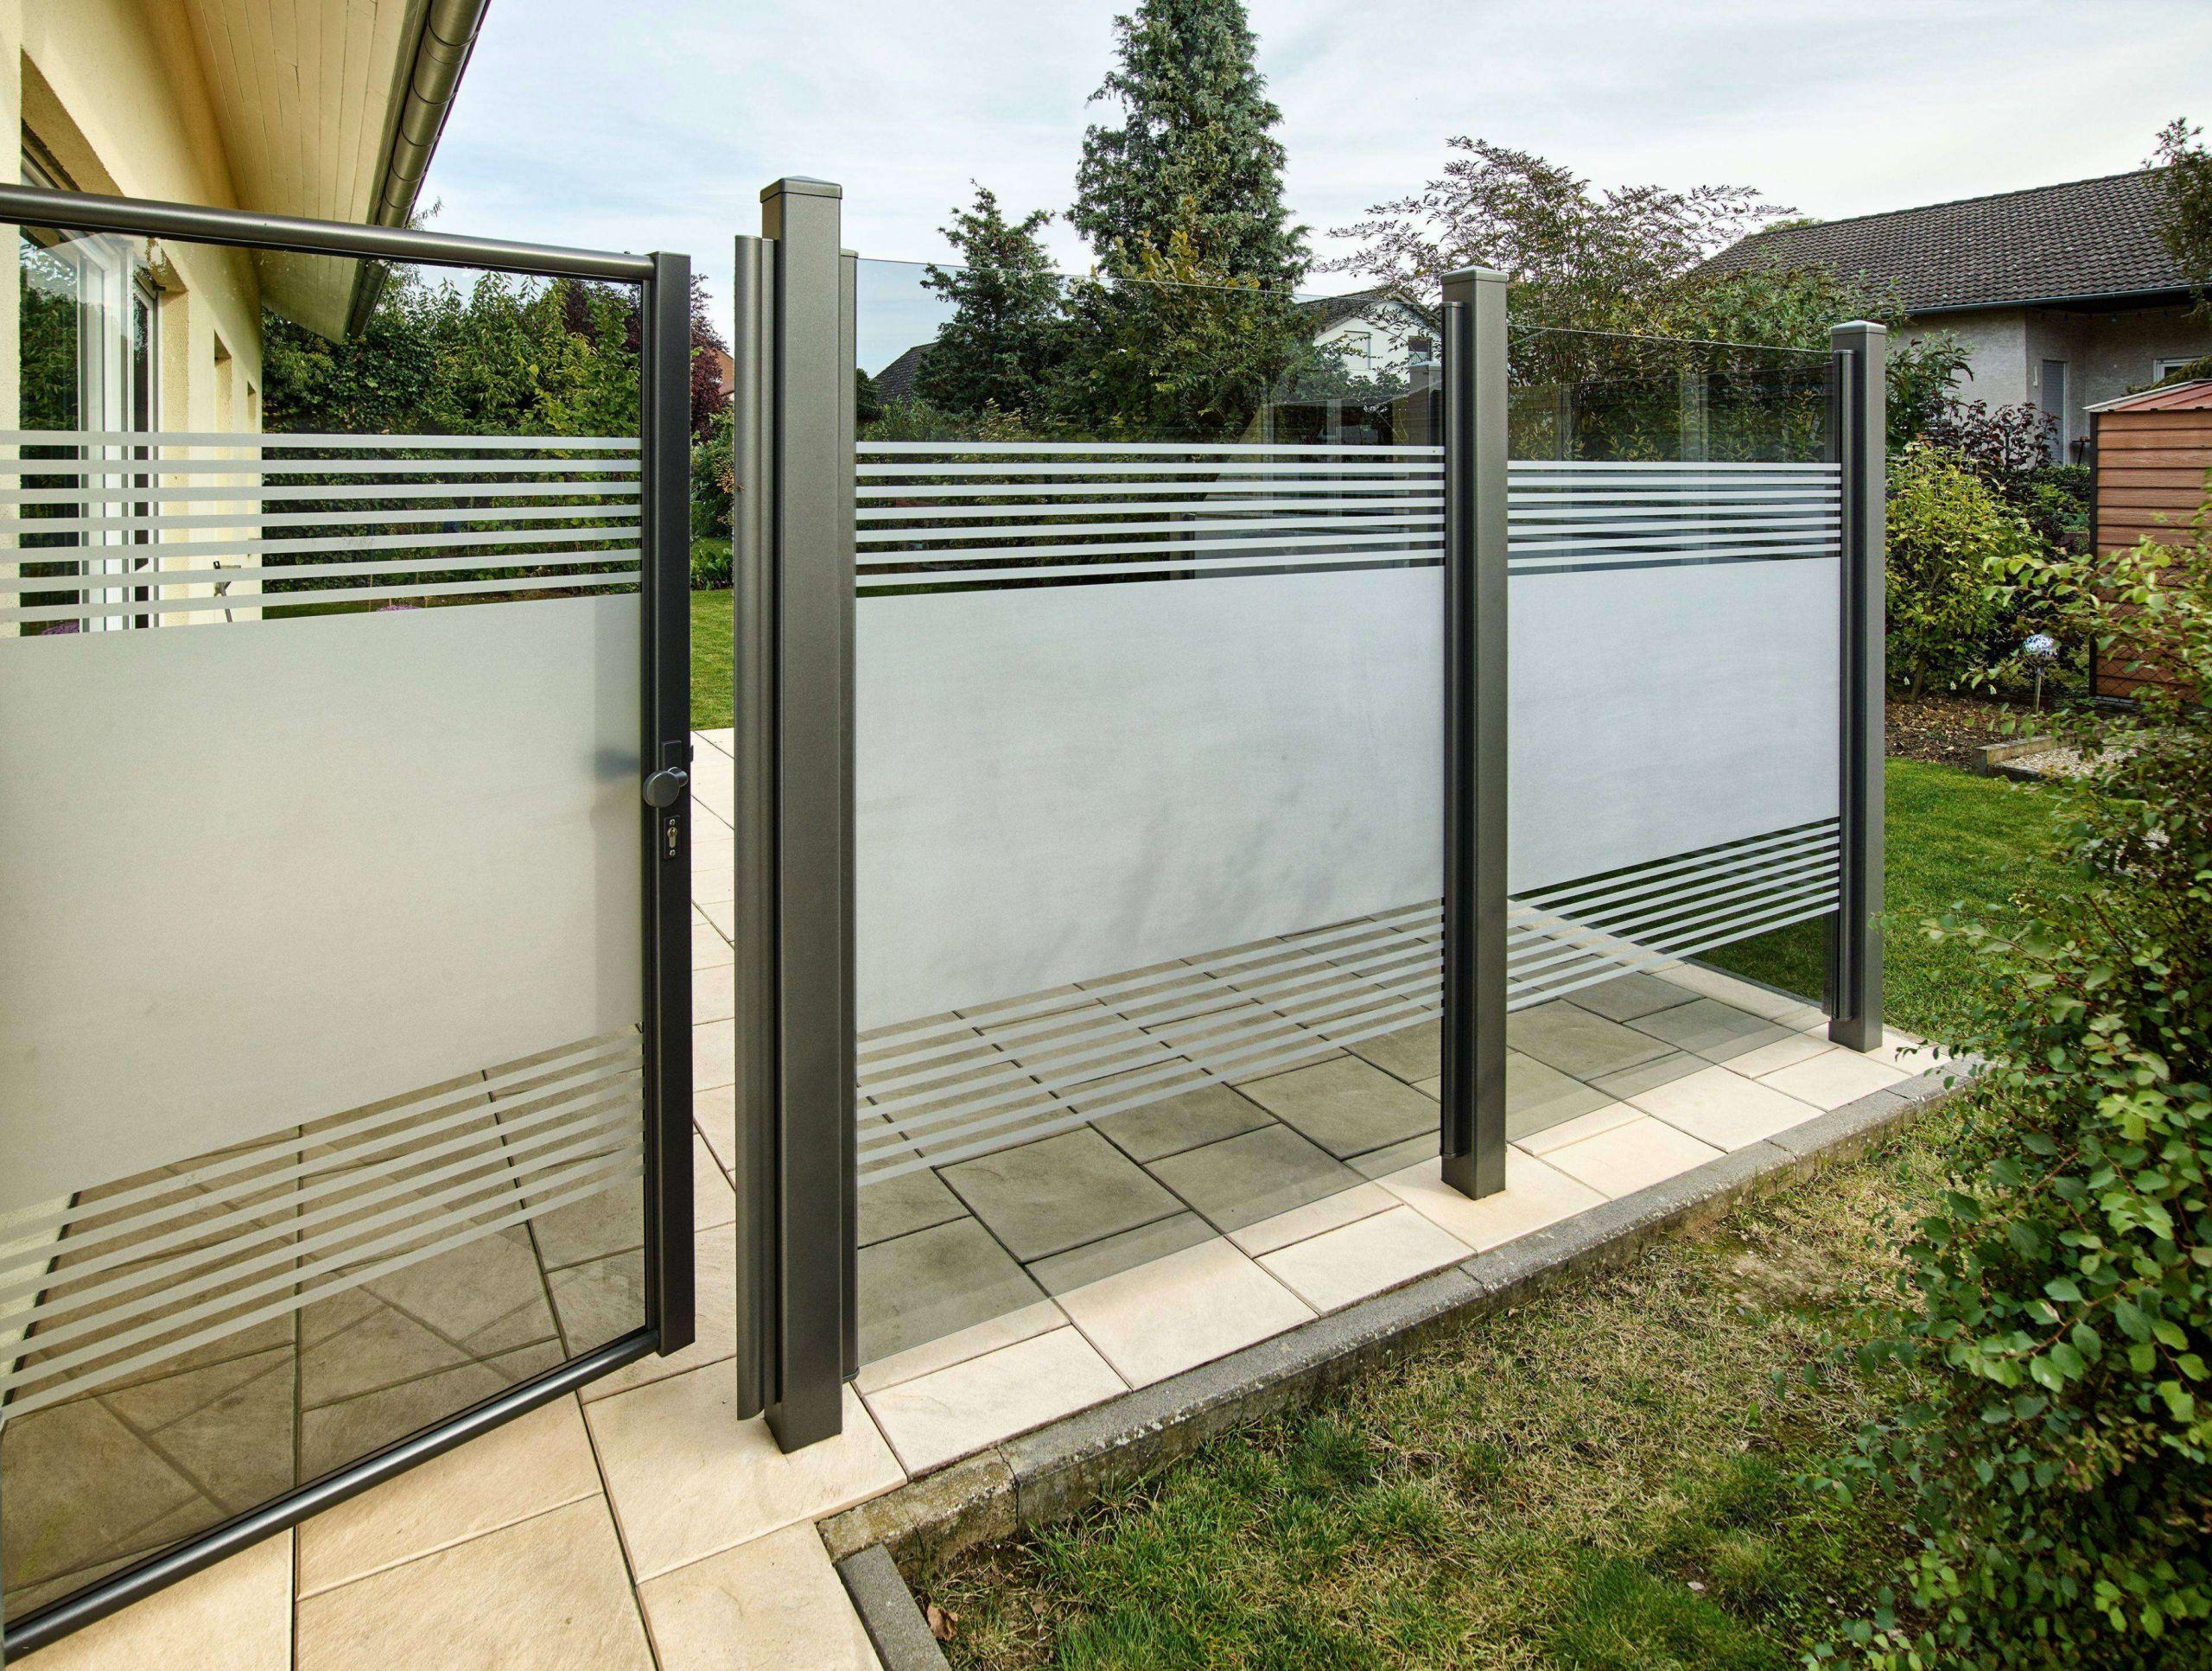 32 neu garten deko ideen selbermachen terrassen deko selber machen terrassen deko selber machen